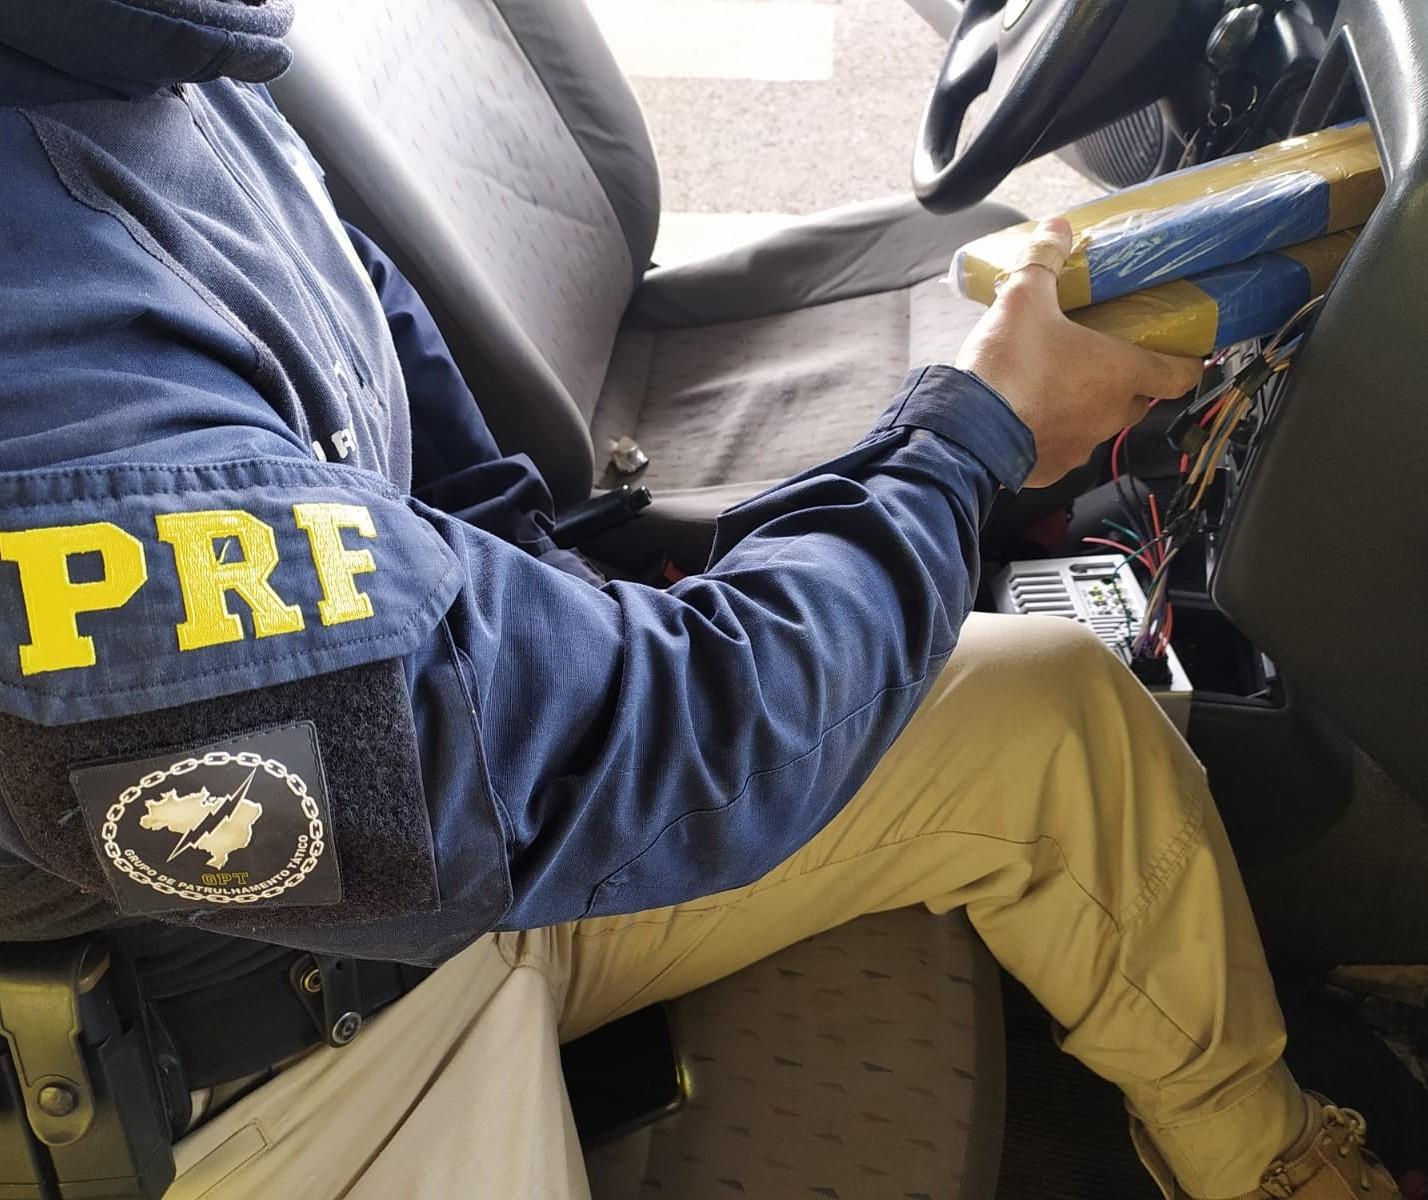 Skank e maconha são apreendidos em fundo falso de veículo em Mandaguari